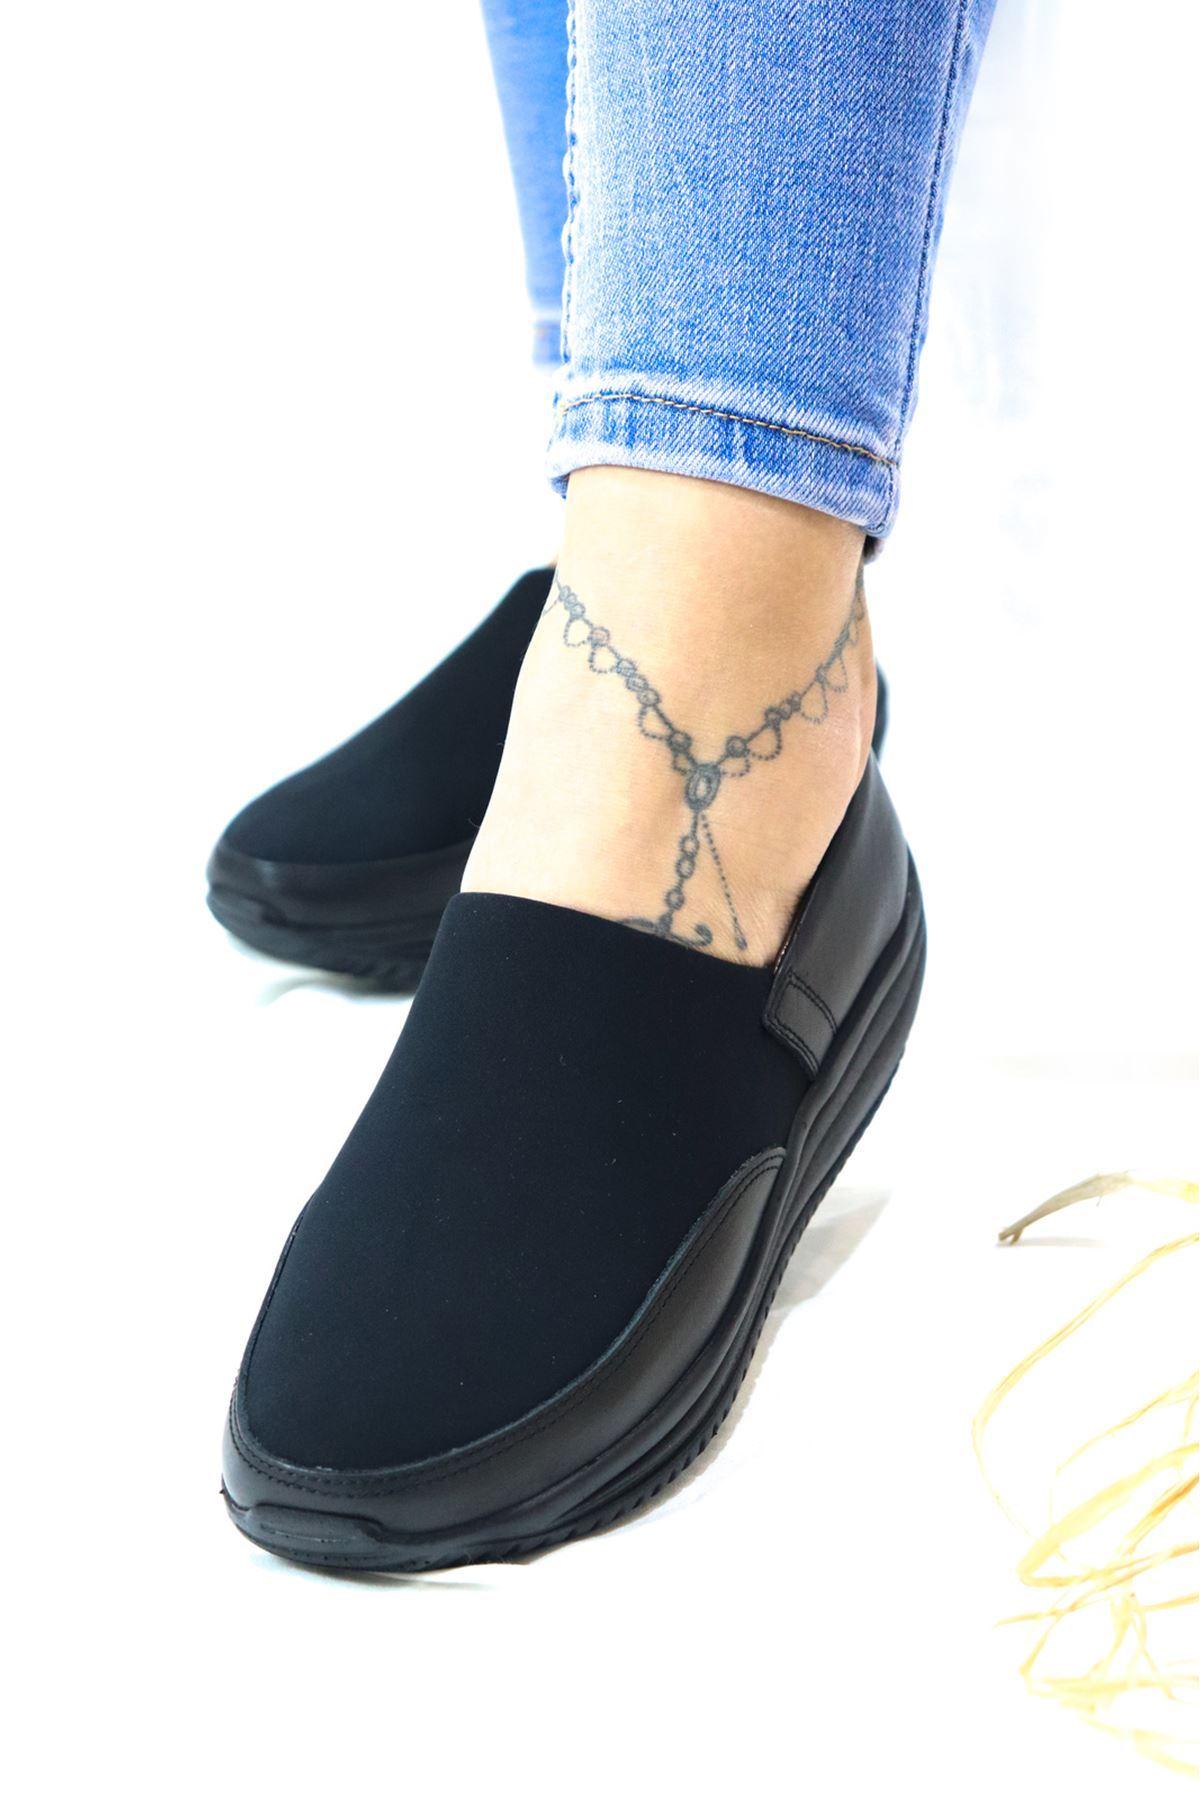 Capella - Siyah Dolgu Deri Kadın Ayakkabı